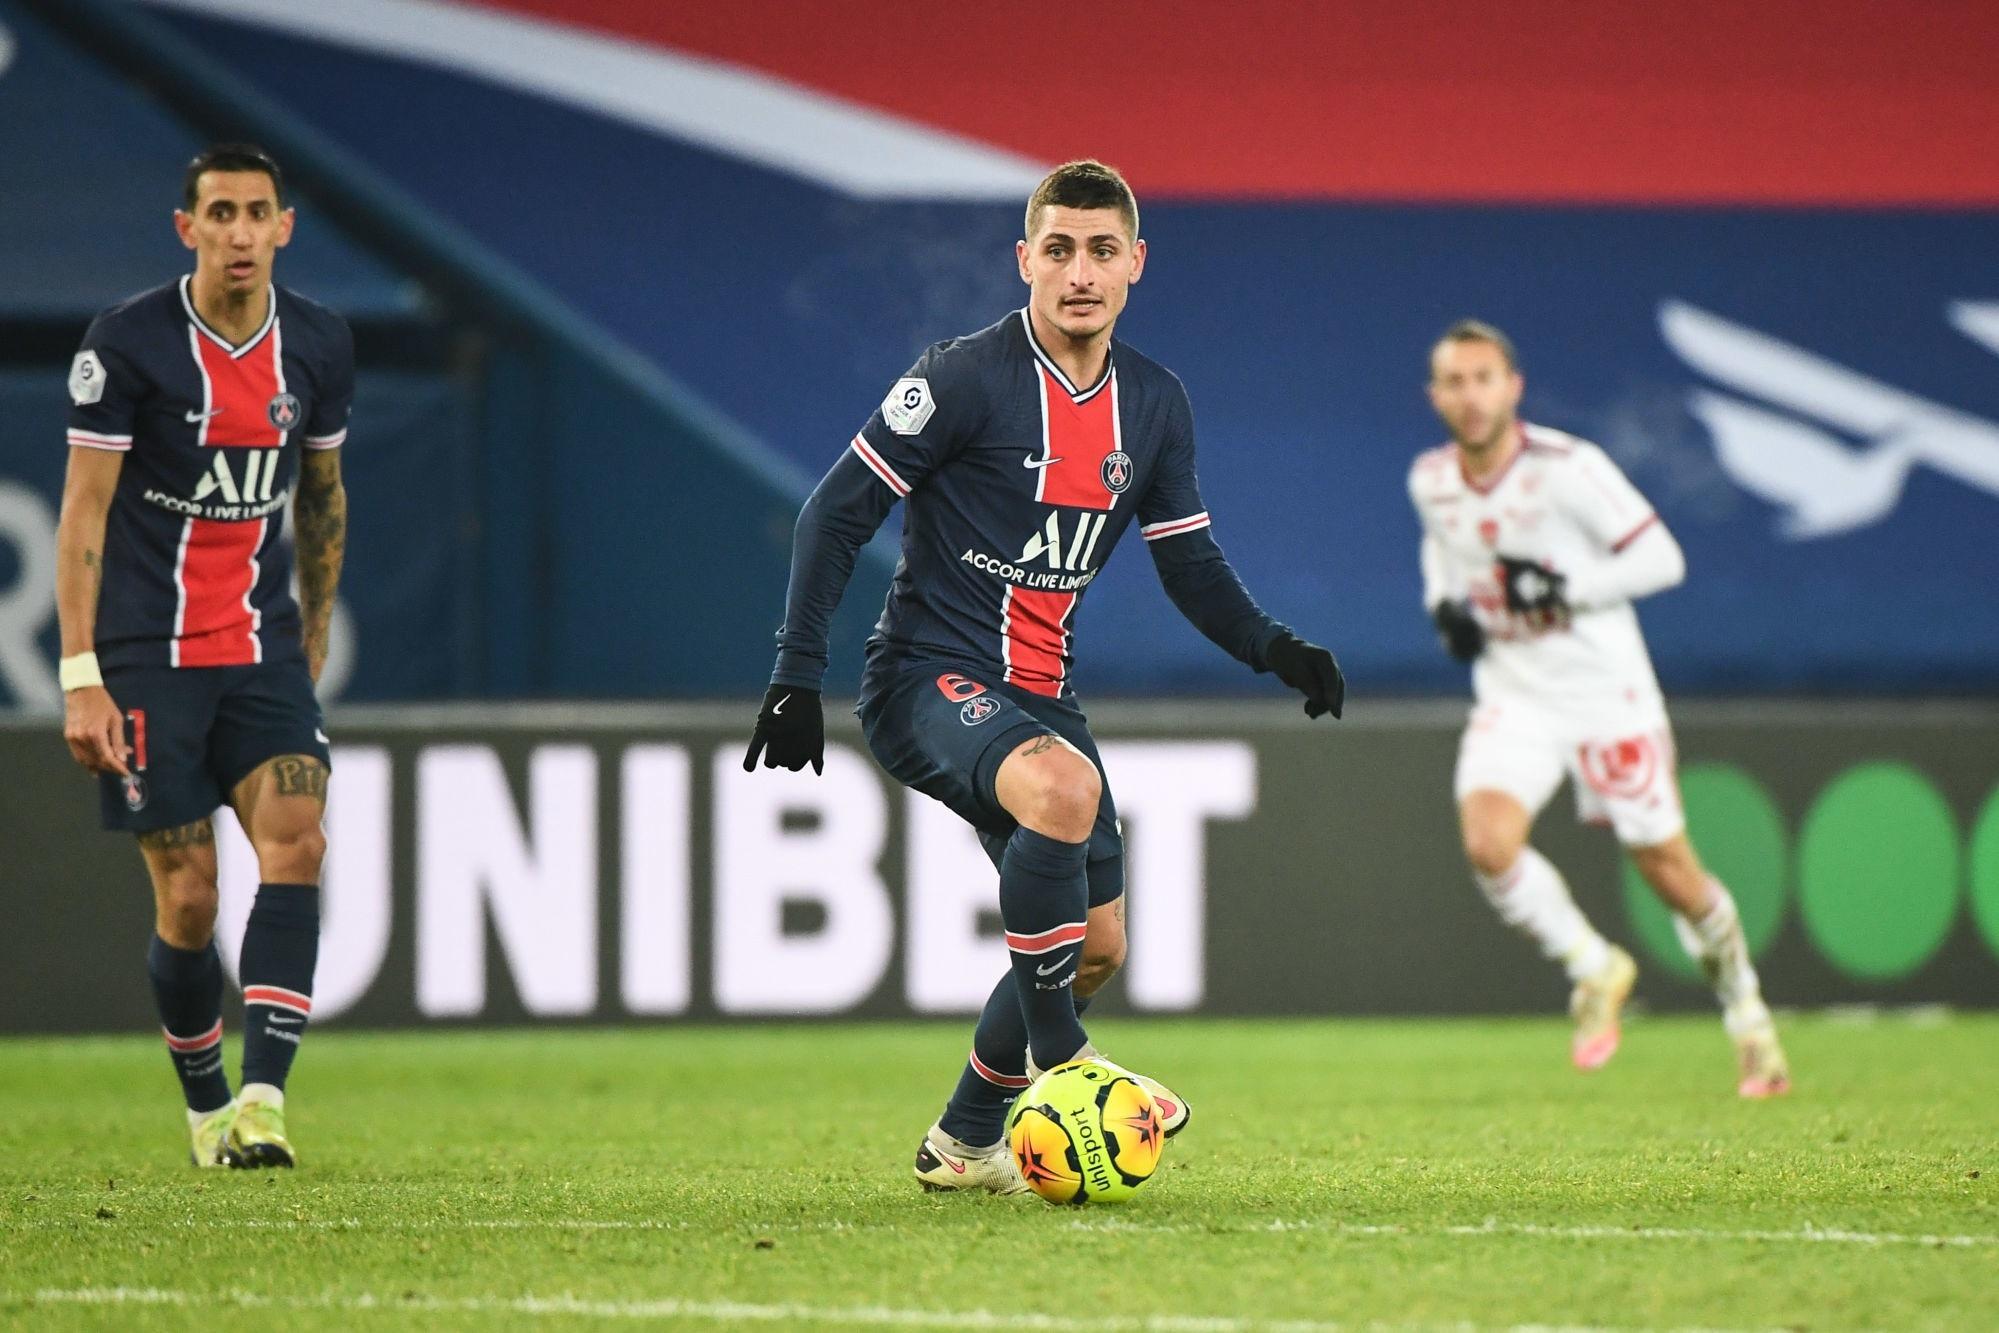 """Barça/PSG - Verratti titulaire, L'Equipe évoque """"un certain optimisme"""""""